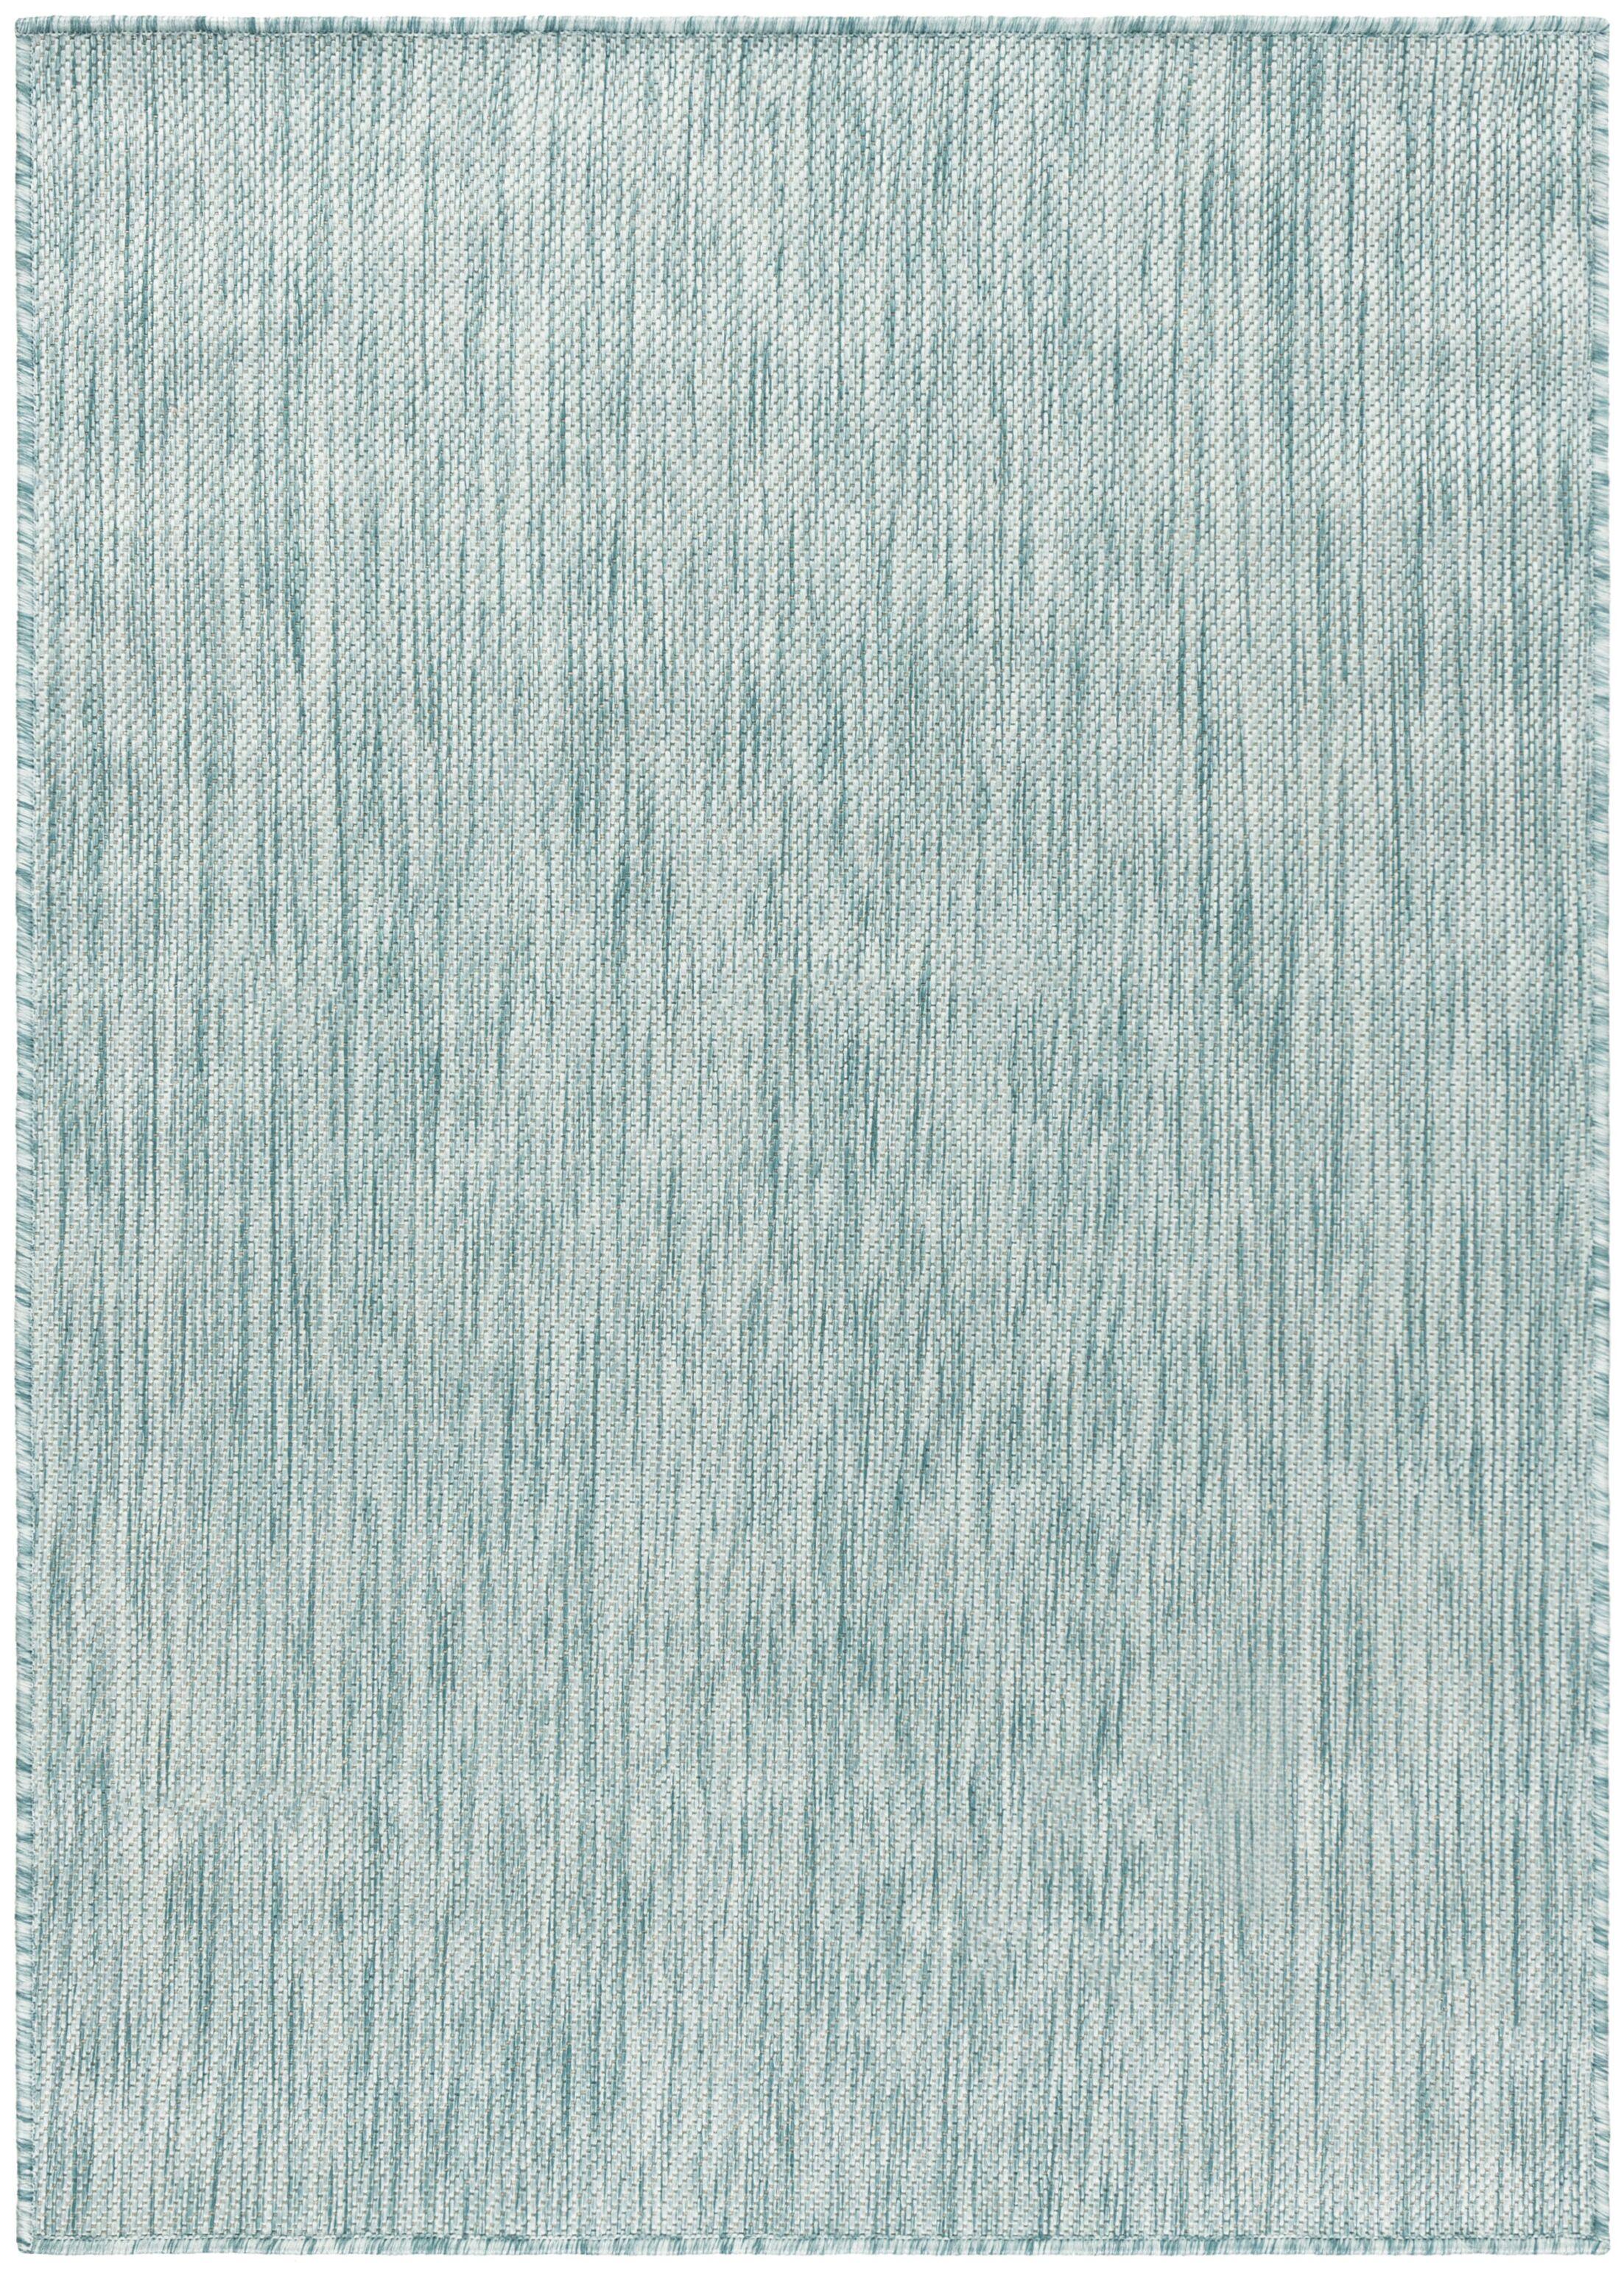 Ephraim Aqua Indoor/Outdoor Area Rug Rug Size: Square6'7